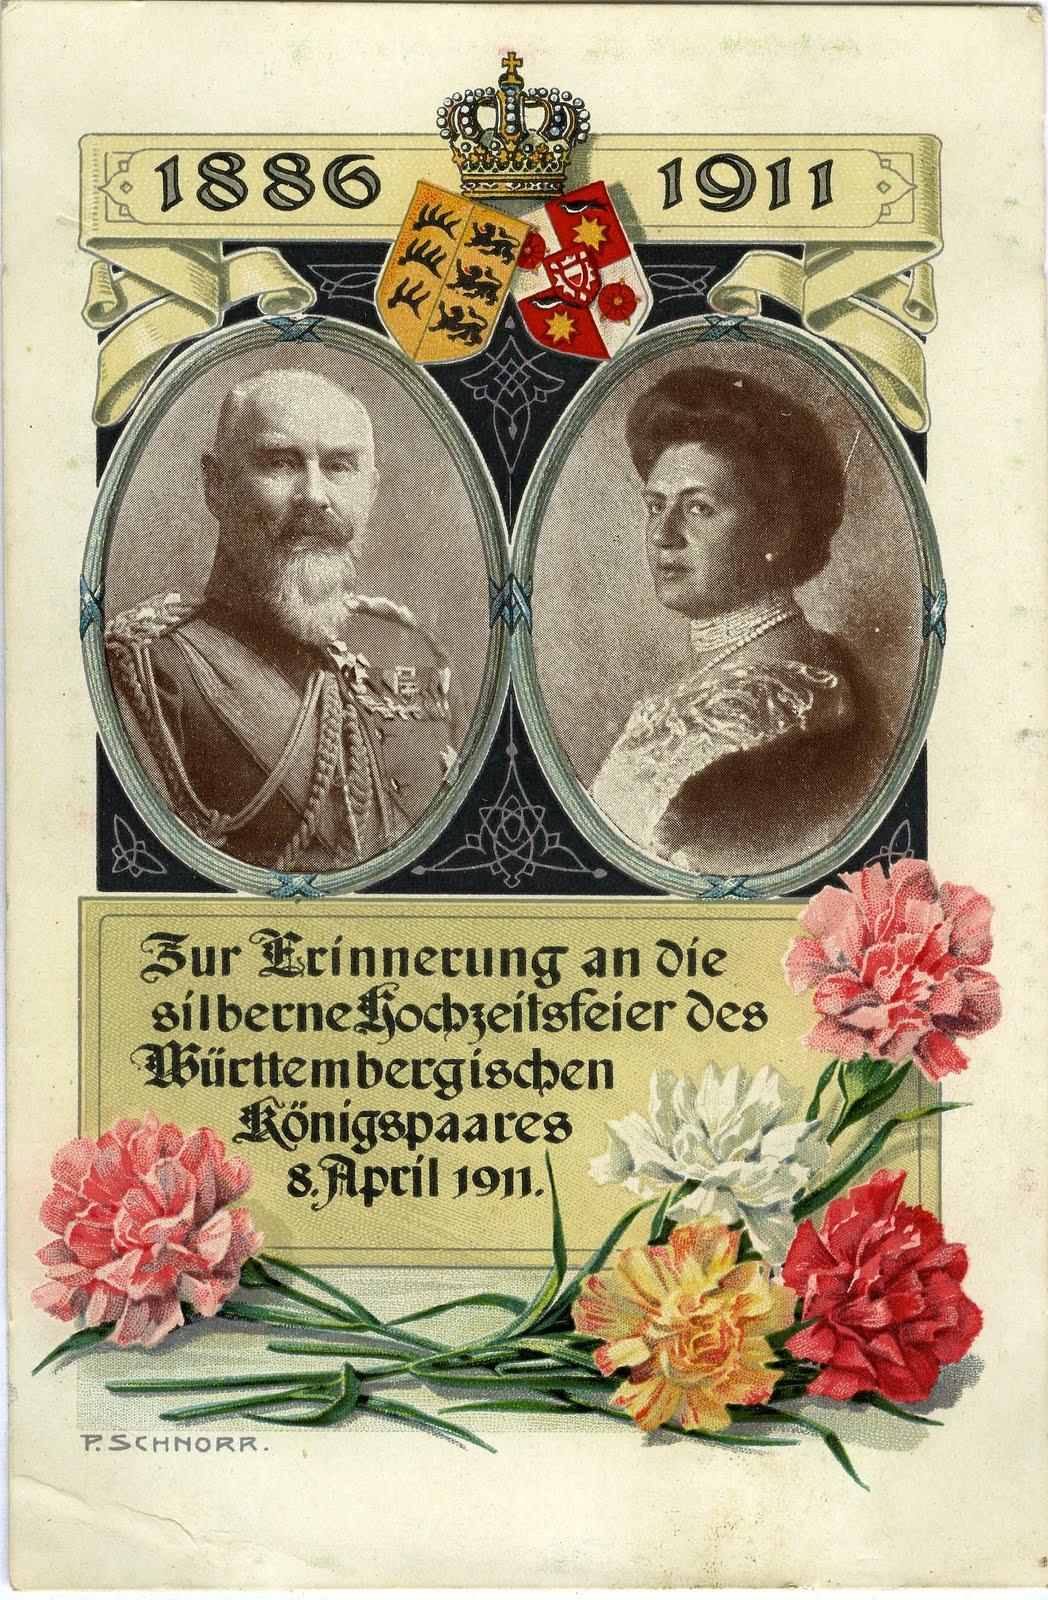 BILDERTANZ Vor 100 Jahren Silberne Hochzeit des Knigpaars